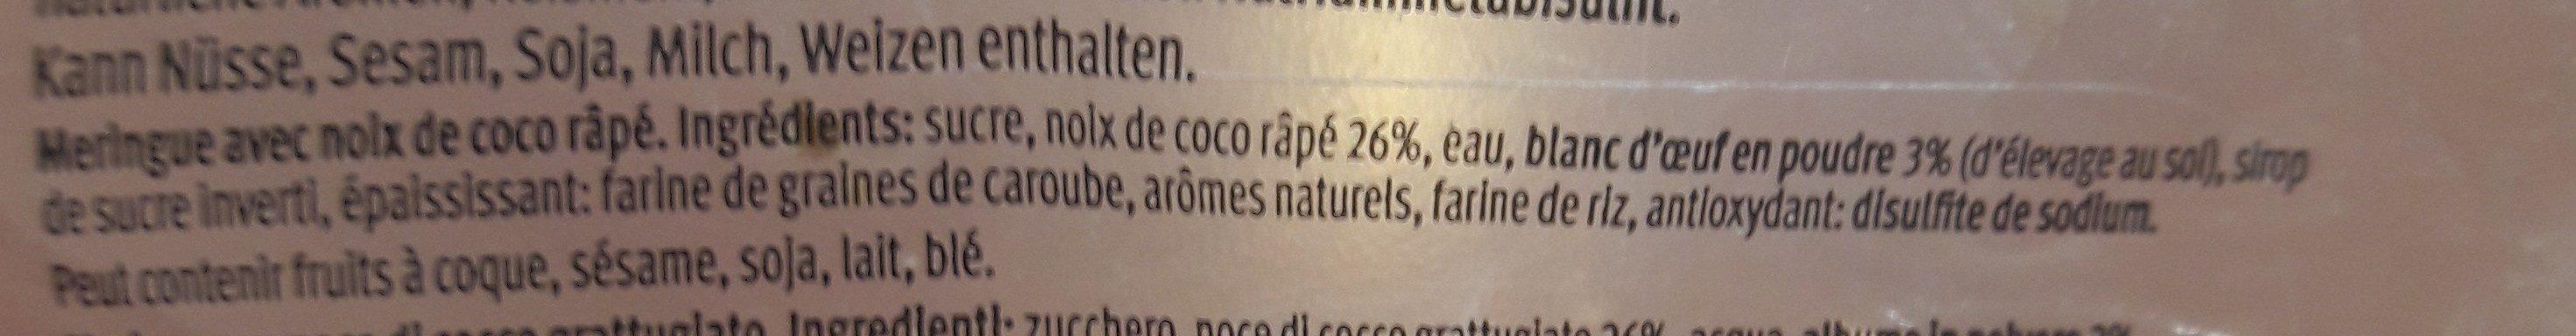 Macarons à la Noix de Coco - Ingrédients - fr